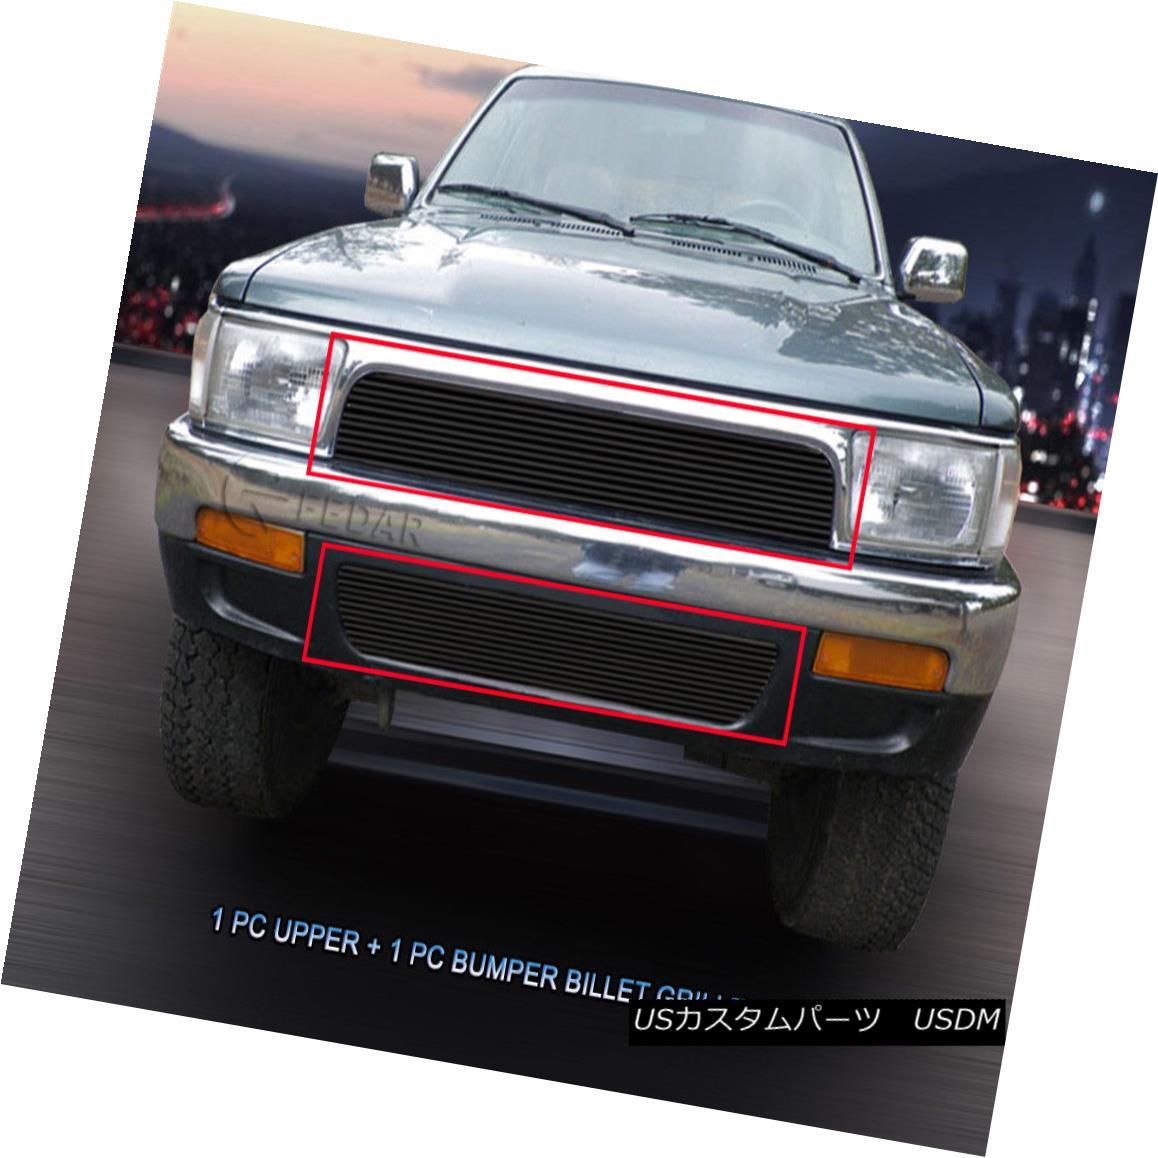 グリル 92-95 Toyota 4Runner Black Billet Grille Grill Combo Insert 2 Pcs Fedar 92-95トヨタ4Runnerブラックビレットグリルグリルコンボインサート2個入りFedar